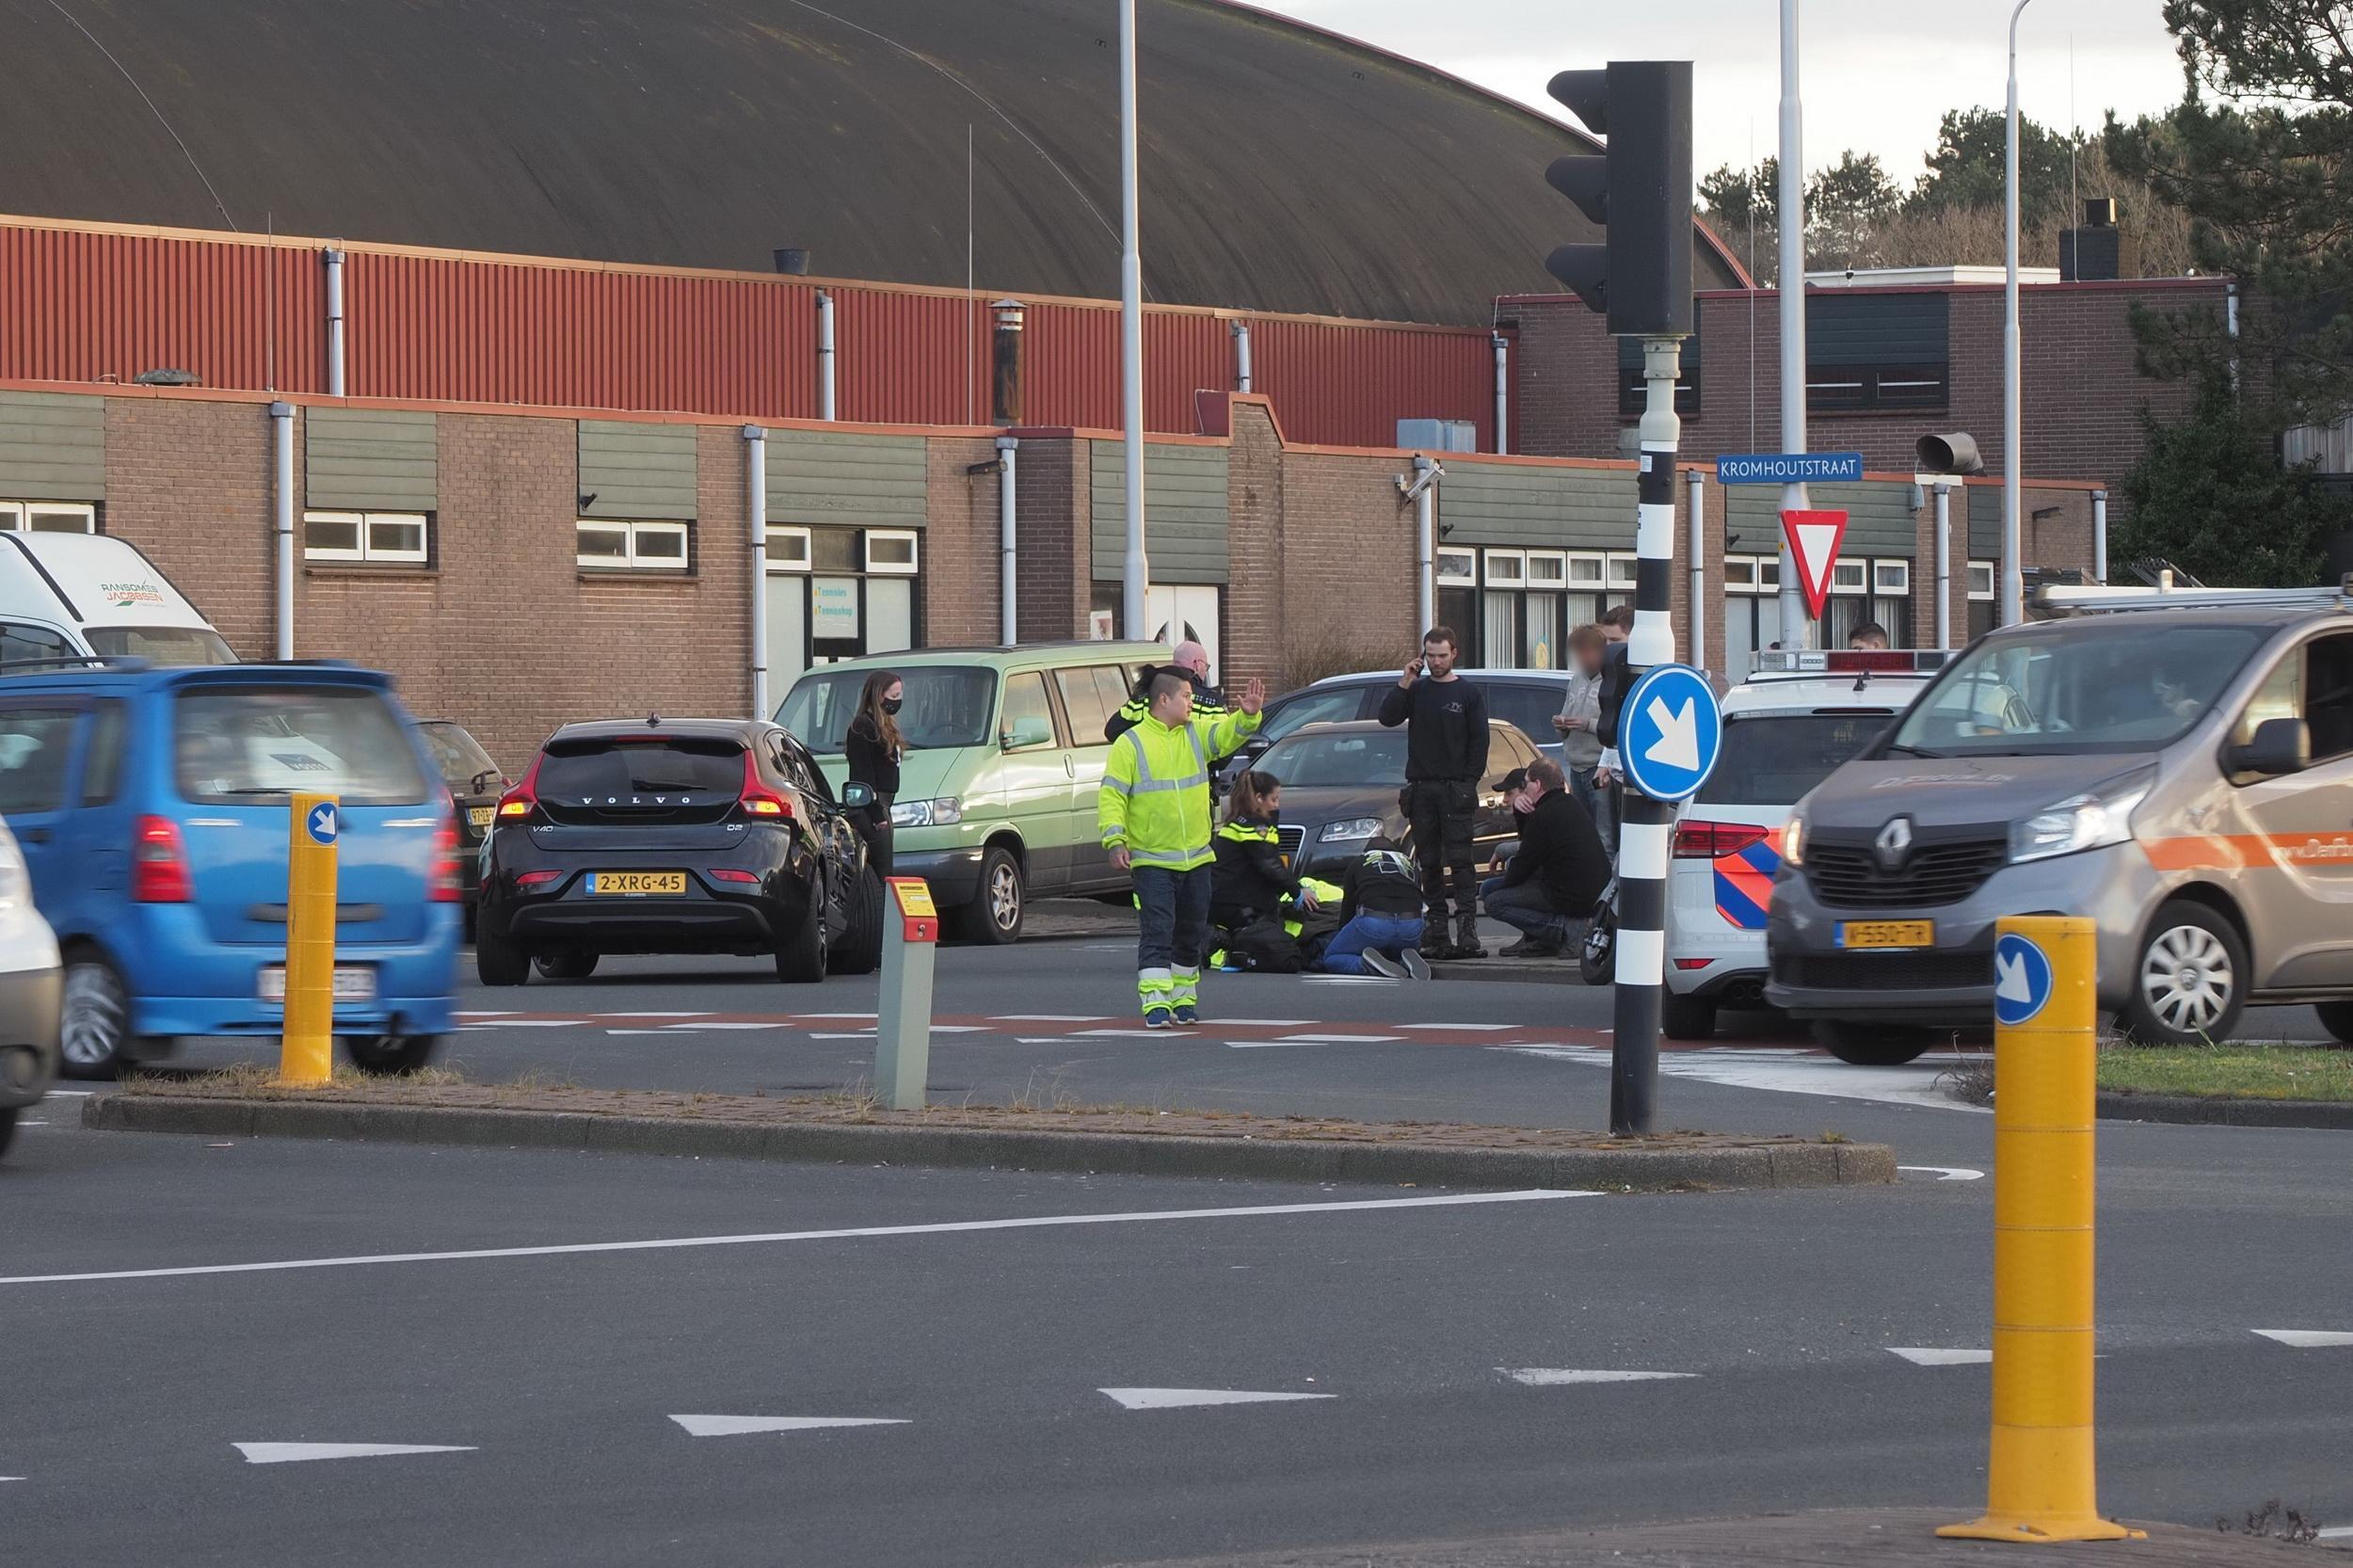 Fietser gewond bij ongeluk op kruispunt in IJmuiden